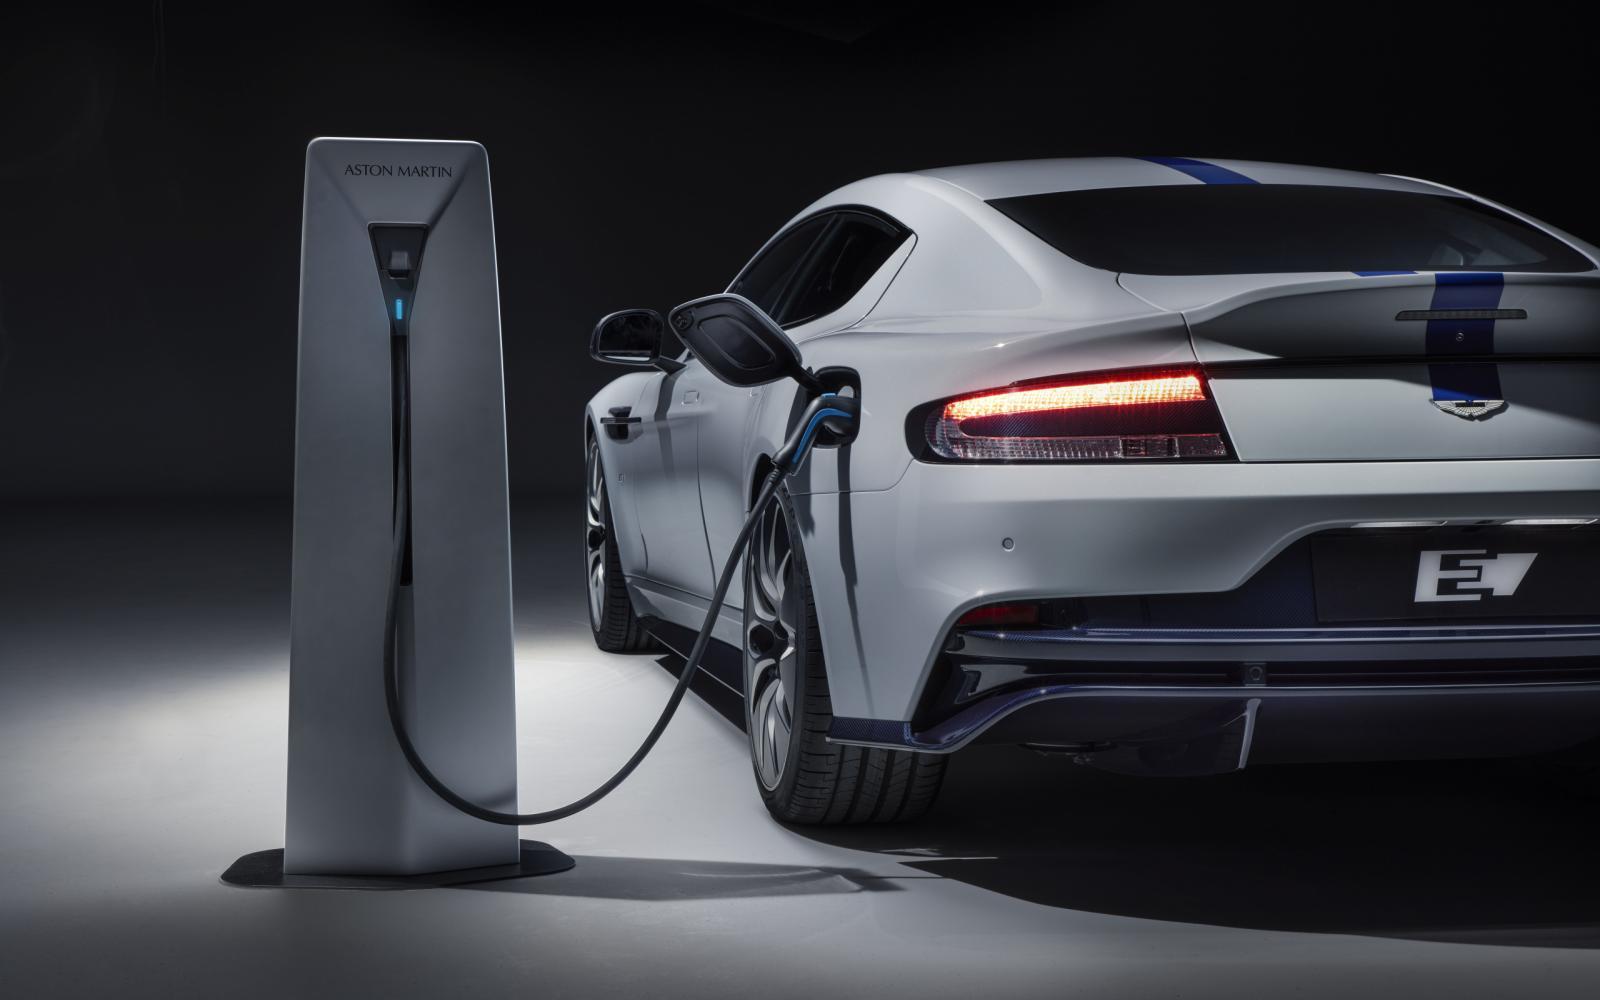 De elektrische Aston Martin Rapide E is afgeblazen! Maar waarom?